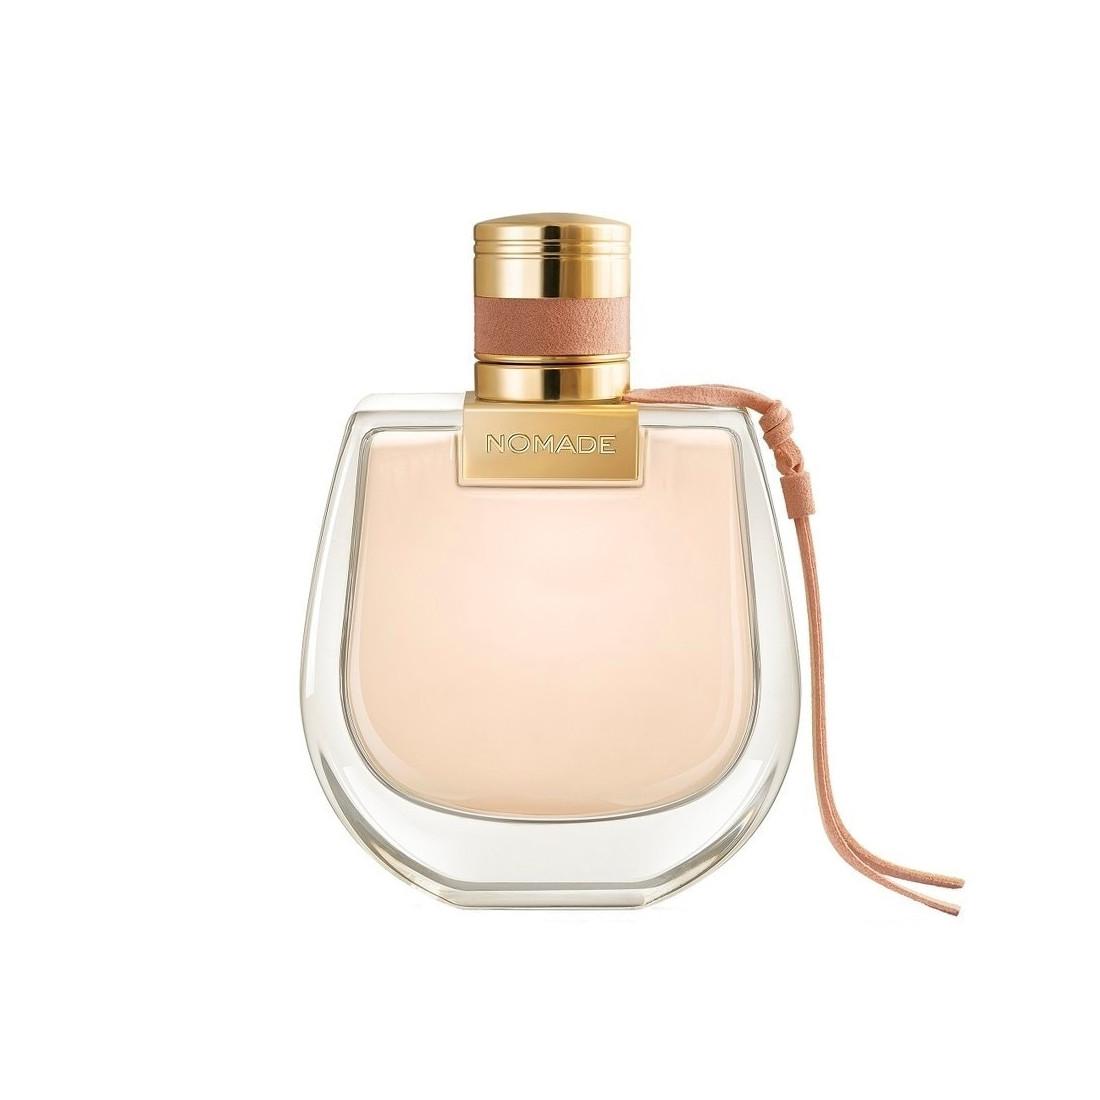 Chloe Nomade Eau De Parfum Spray 75 ml